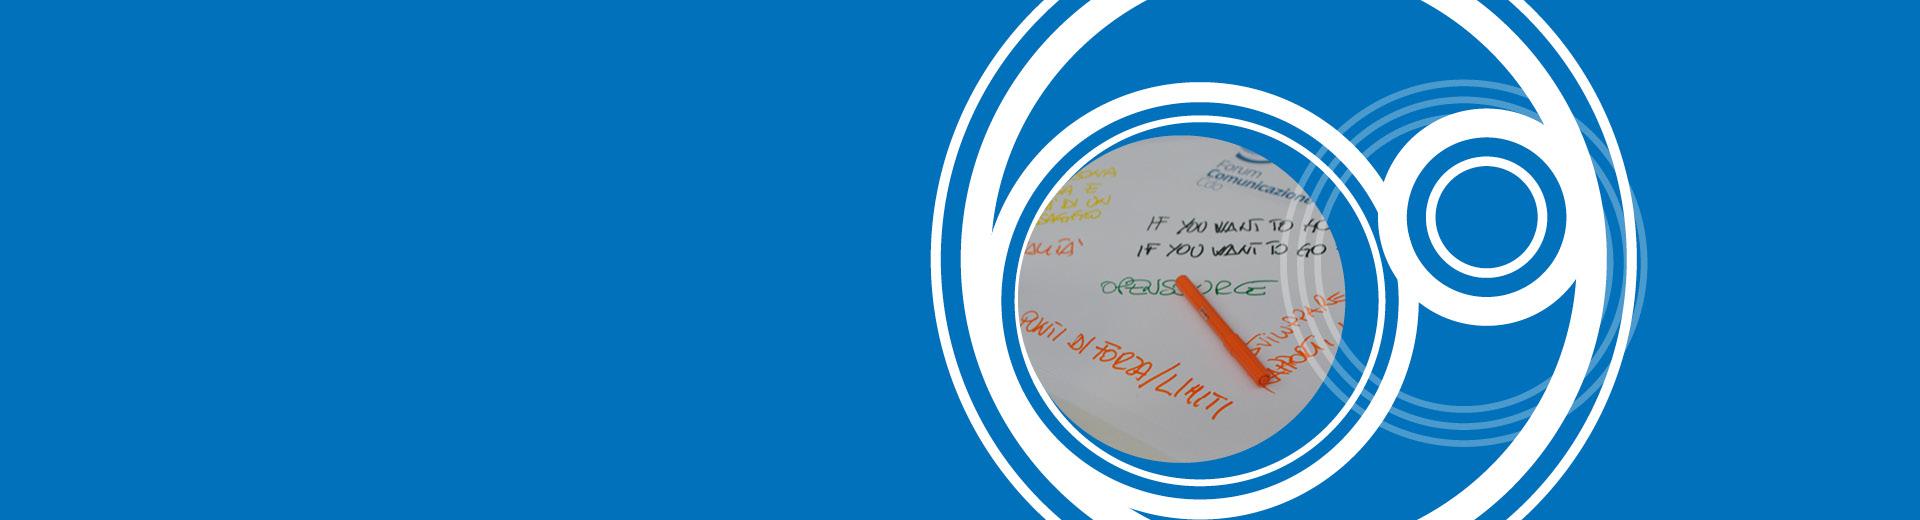 Forum Comunicazione Cdo _ Programma iscriviti